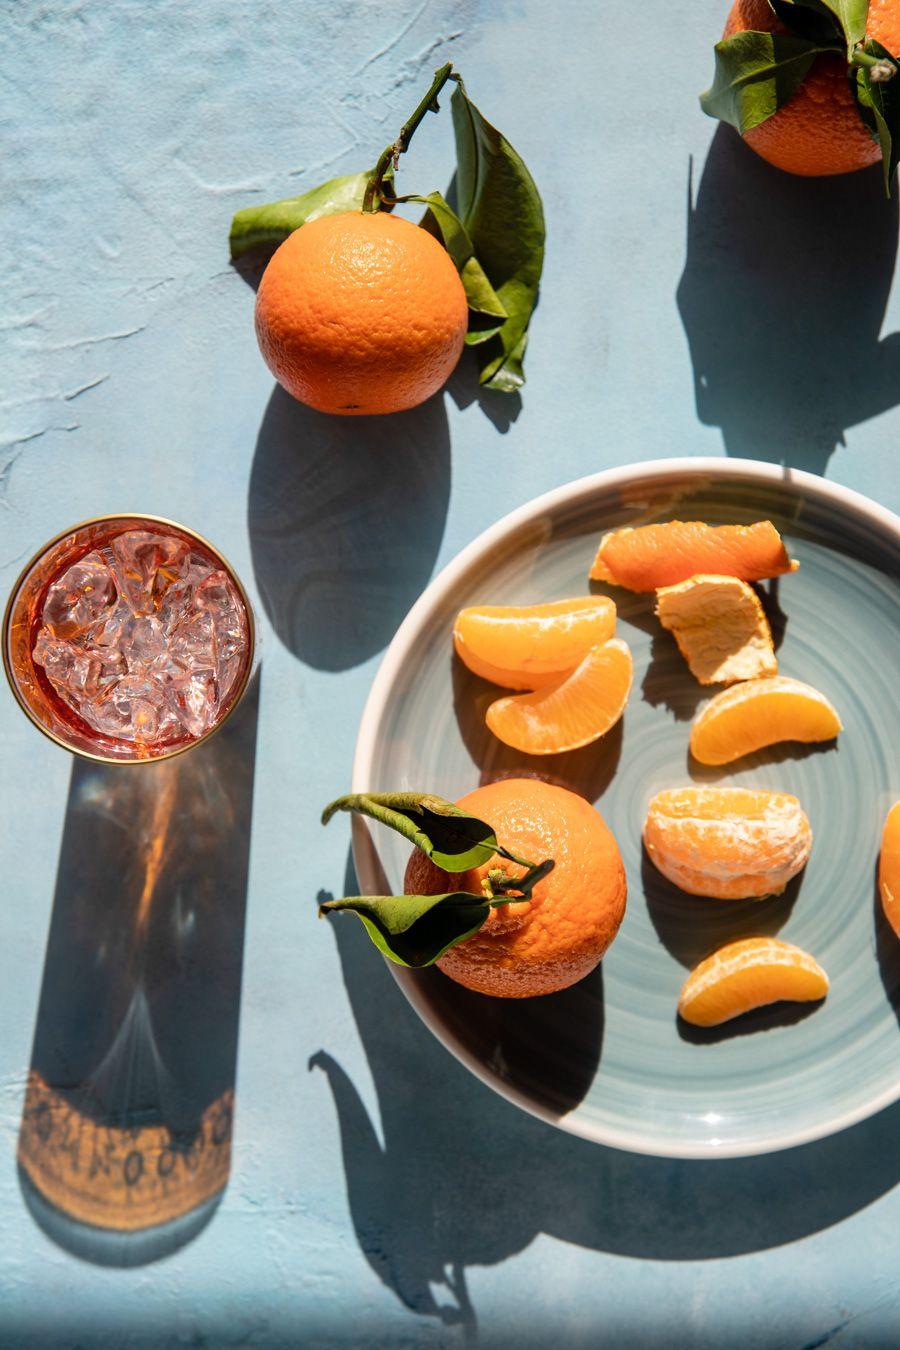 Mandarin still life in hard light professional food